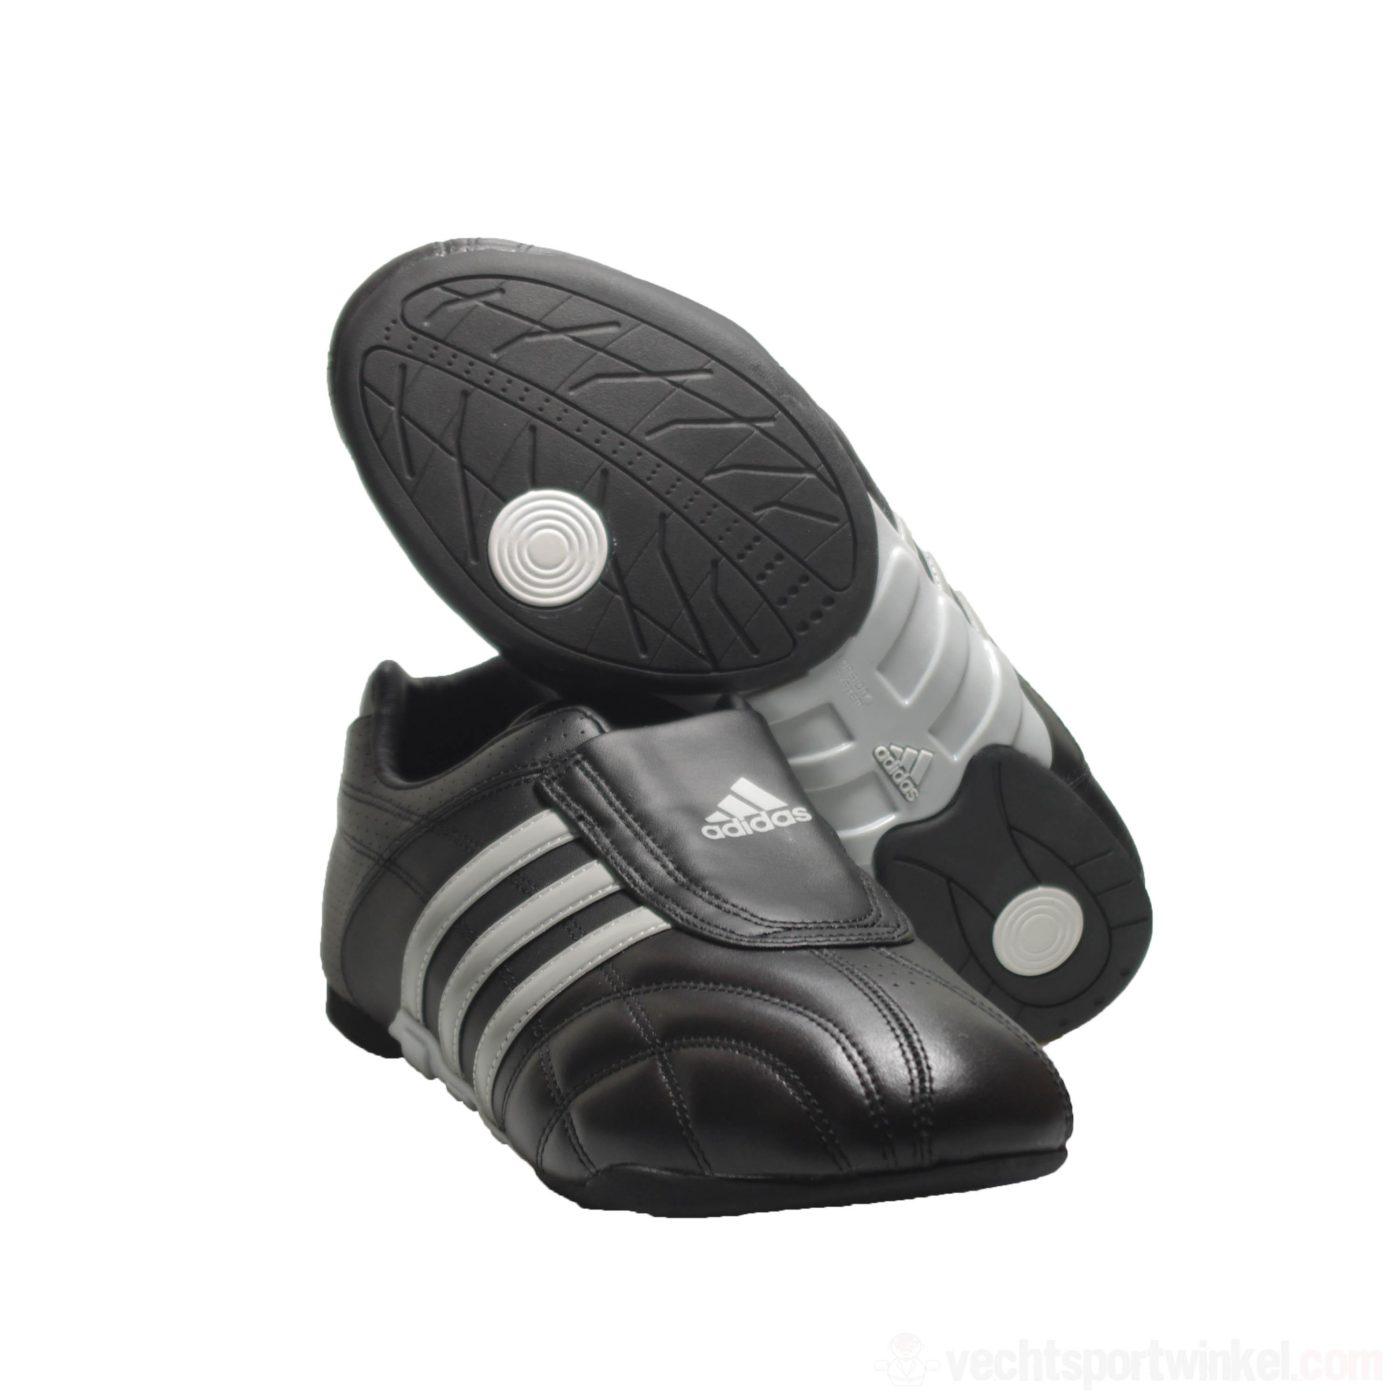 Adidas ADI-LUX Taekwondo schoenen (zwart)